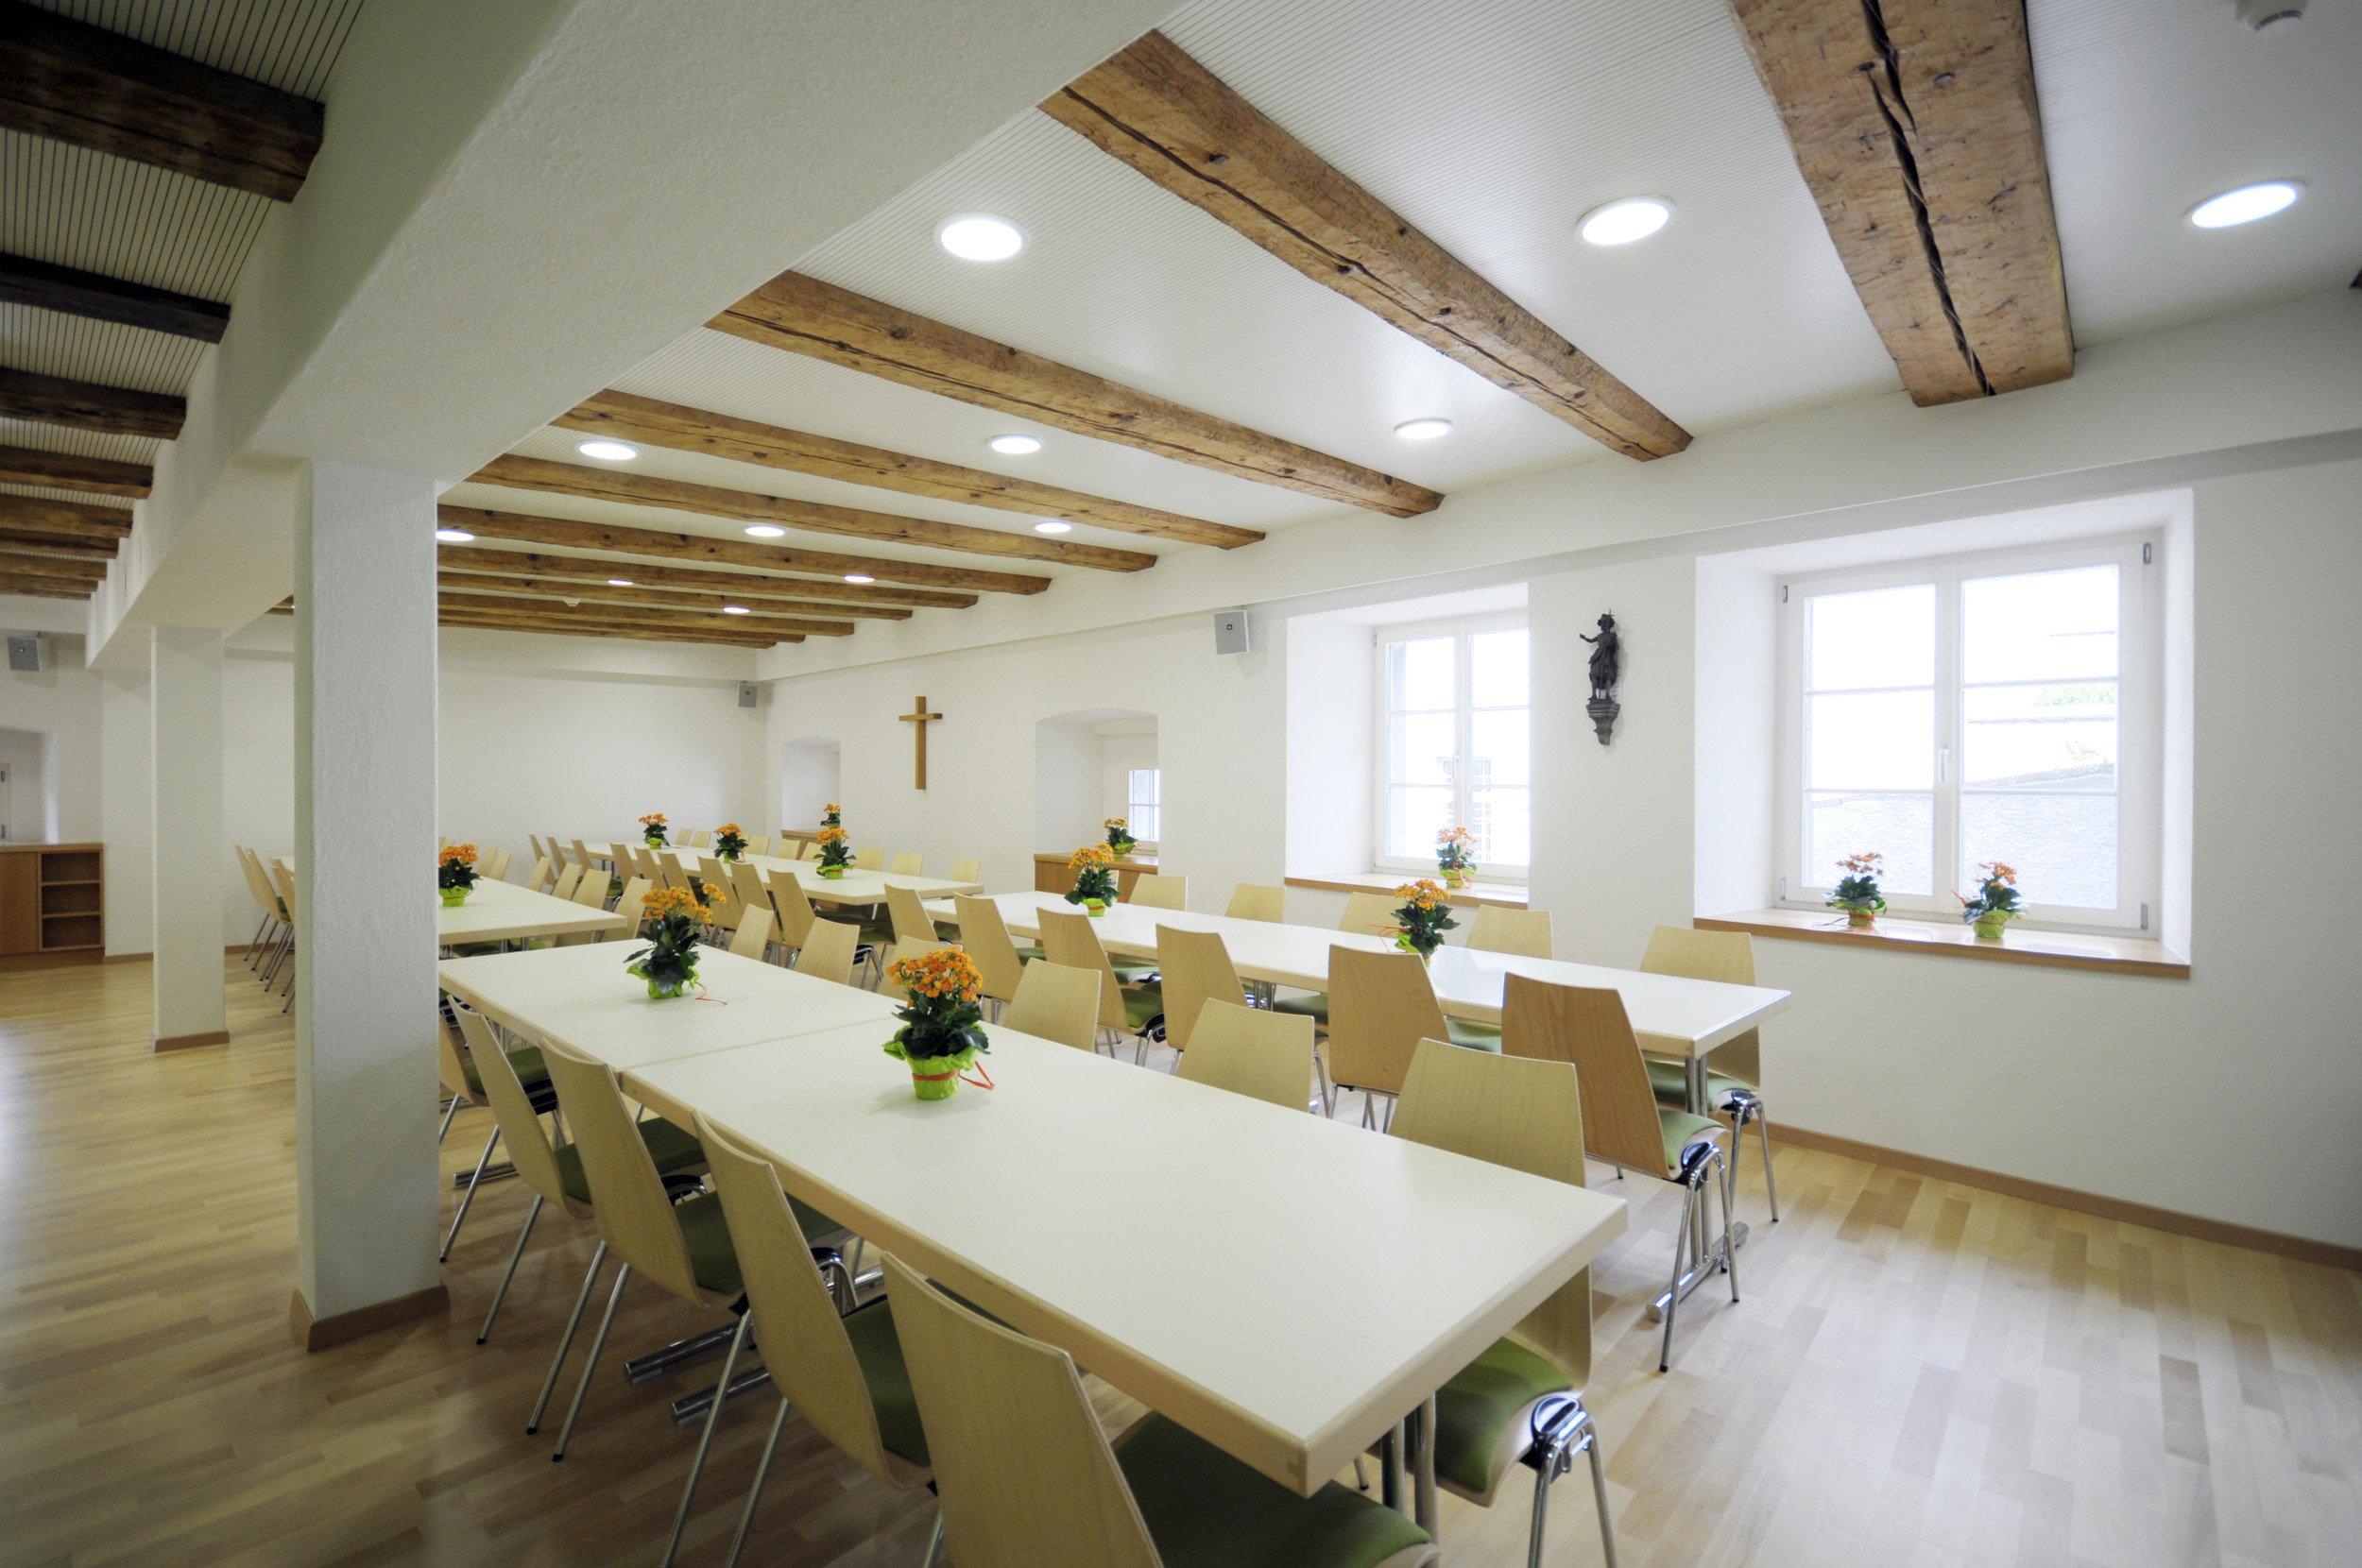 Renovierter Pfarrsaal gestuhlt mit alten Holzbalken in der Decke